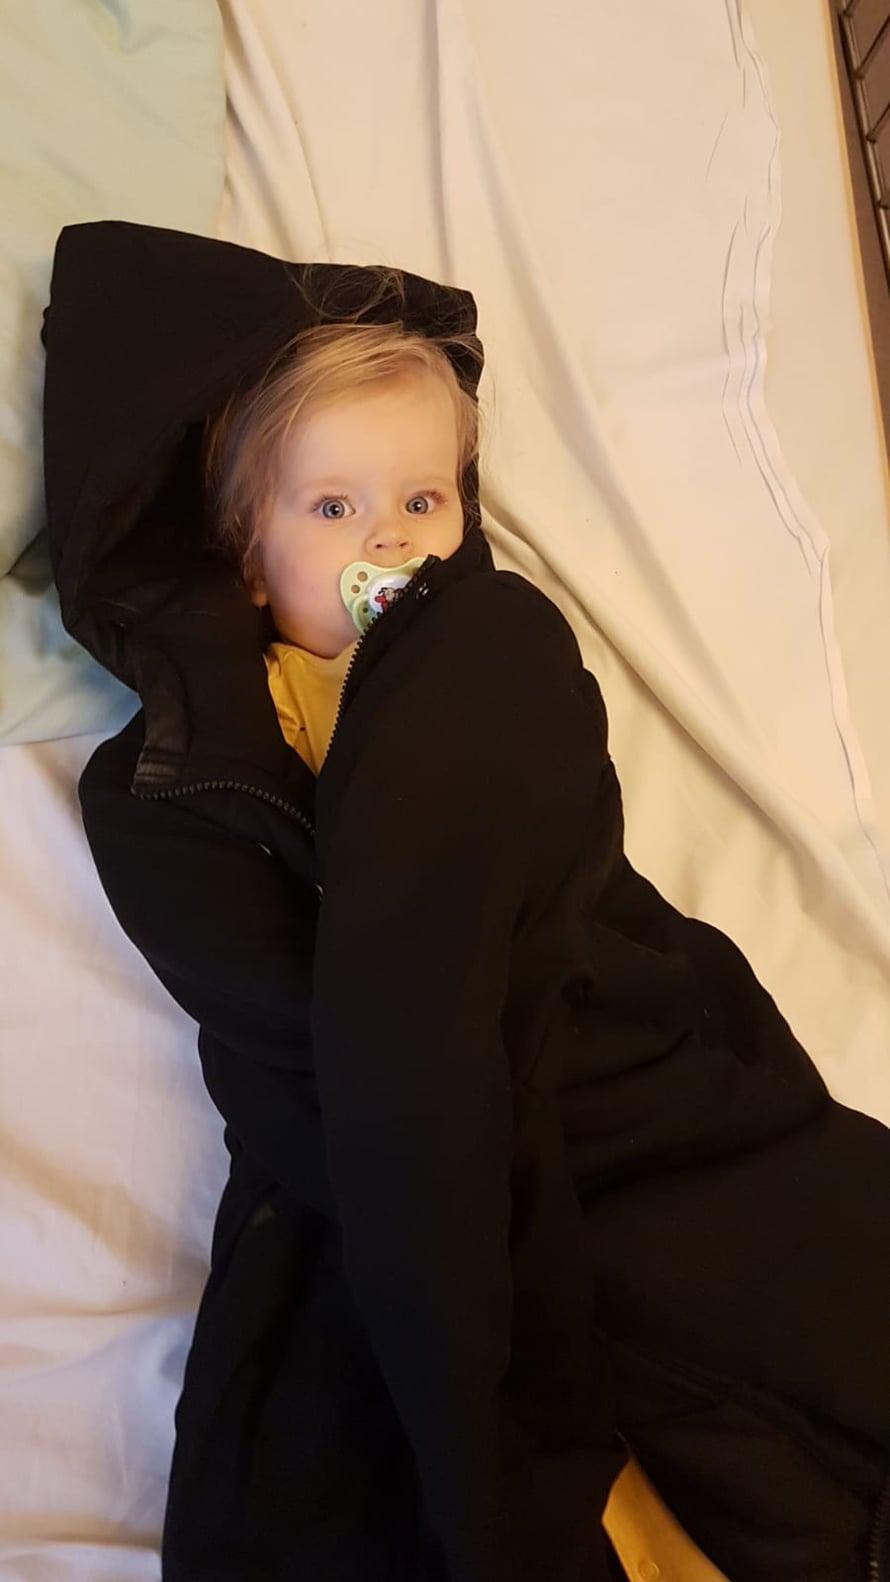 Vauva yökkäreissä, sairaalalta saatu tutti suussa ja minun takkiin käärittynä. Takin isi oli vaan napannut mukaansa luullen, että se oli hänen takki.